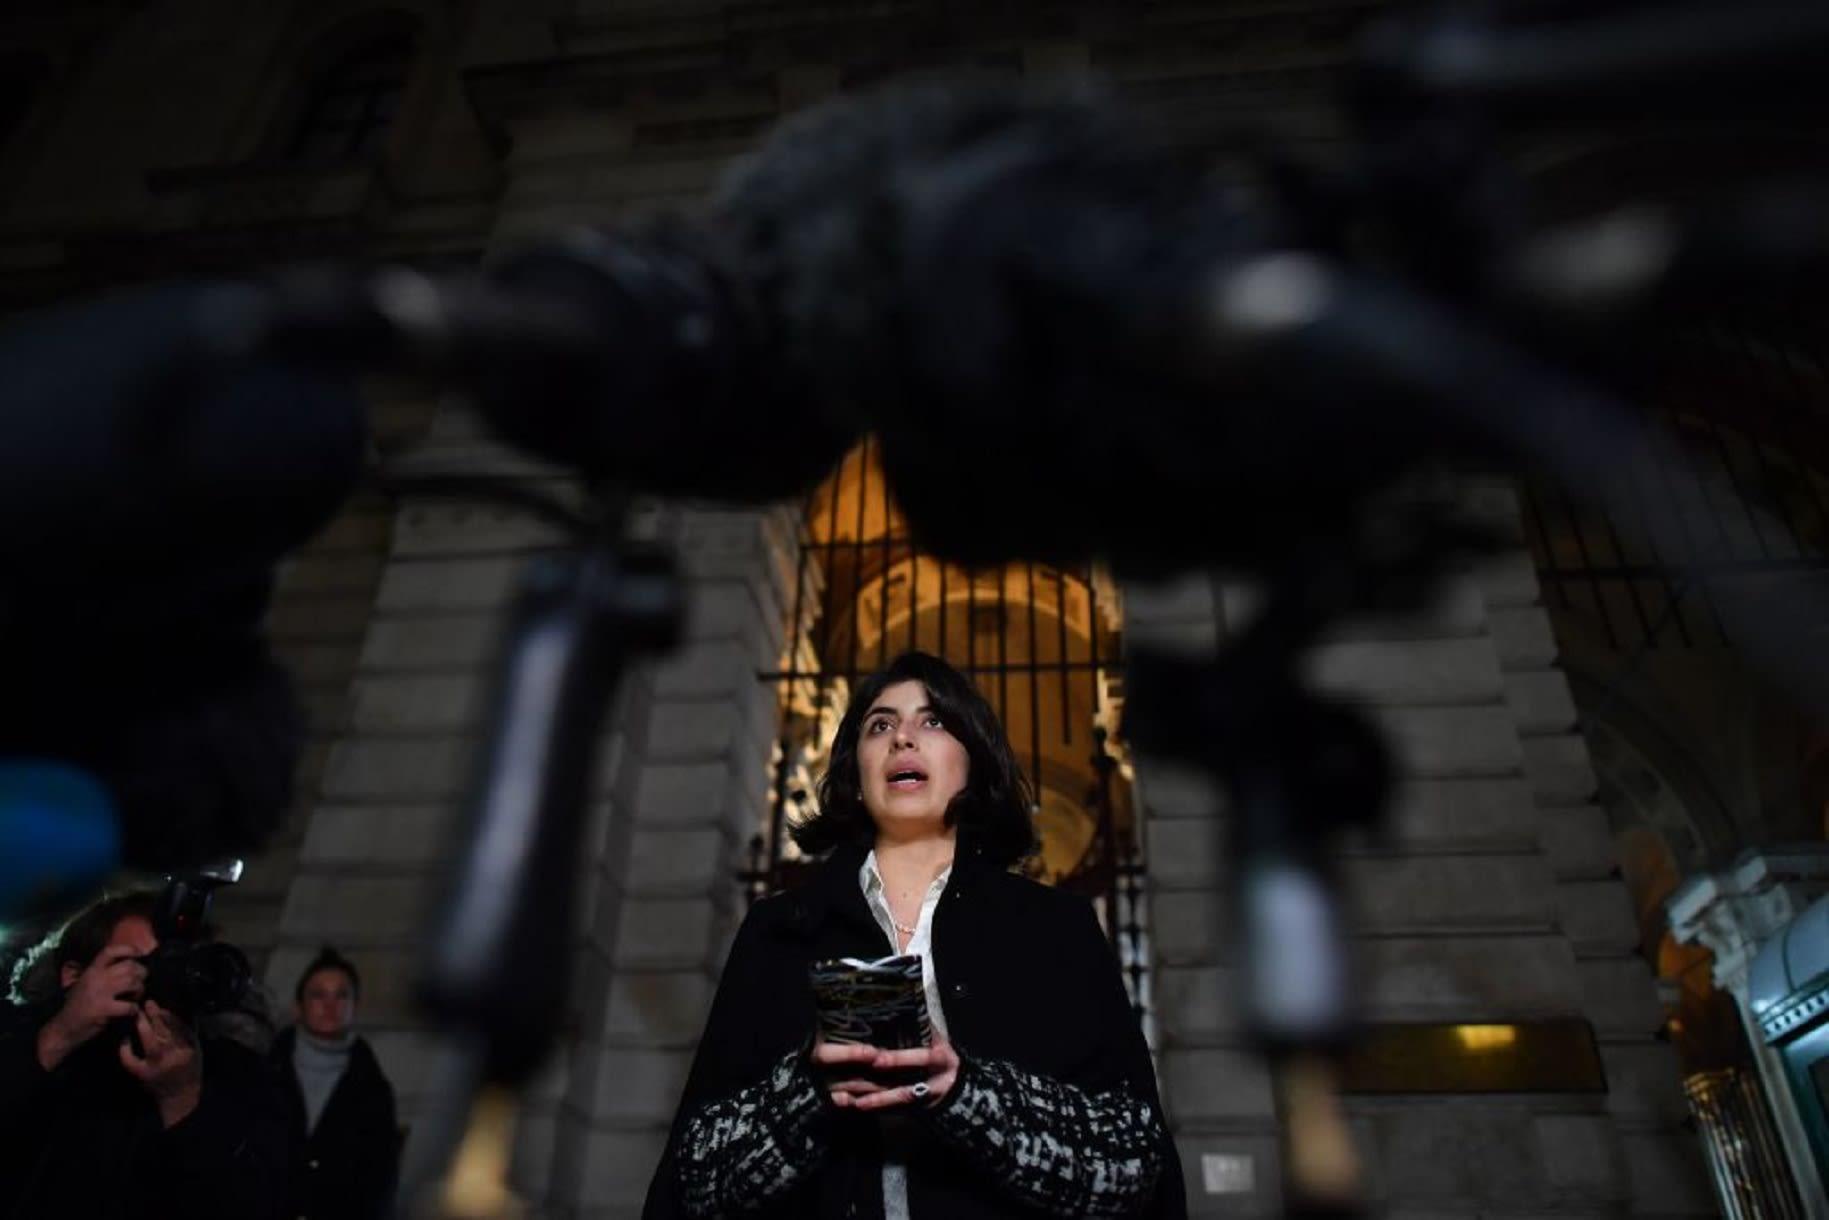 متحدث العائلة: هيدجز يصل إلى بريطانيا بعد العفو عنه في الإمارات